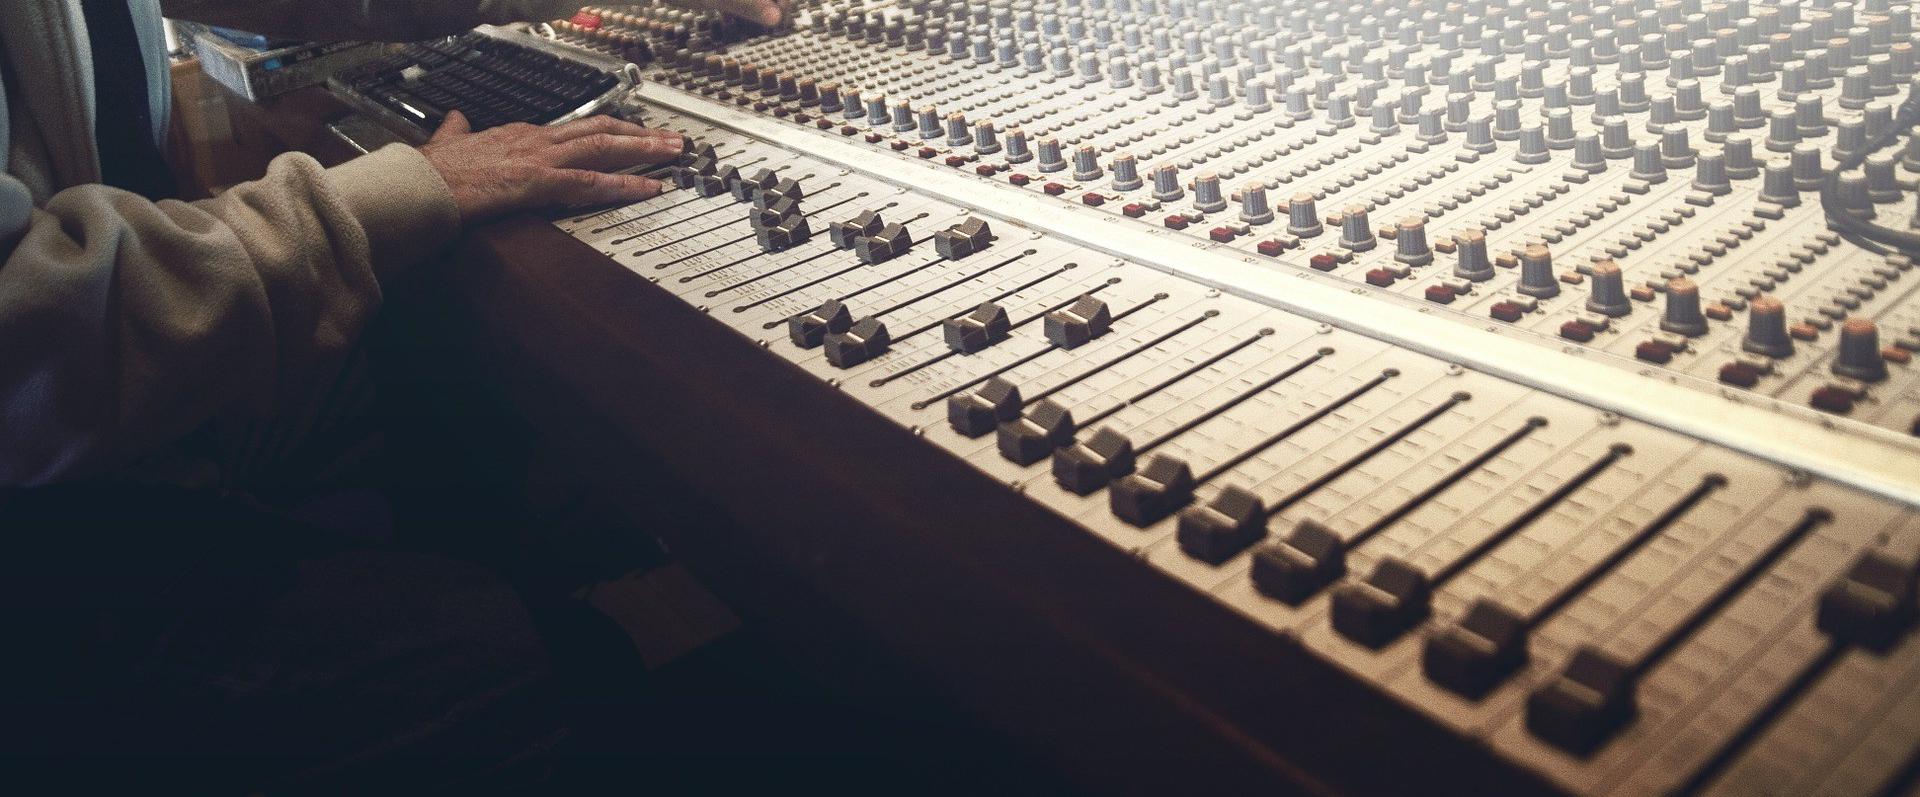 Le démo de musique